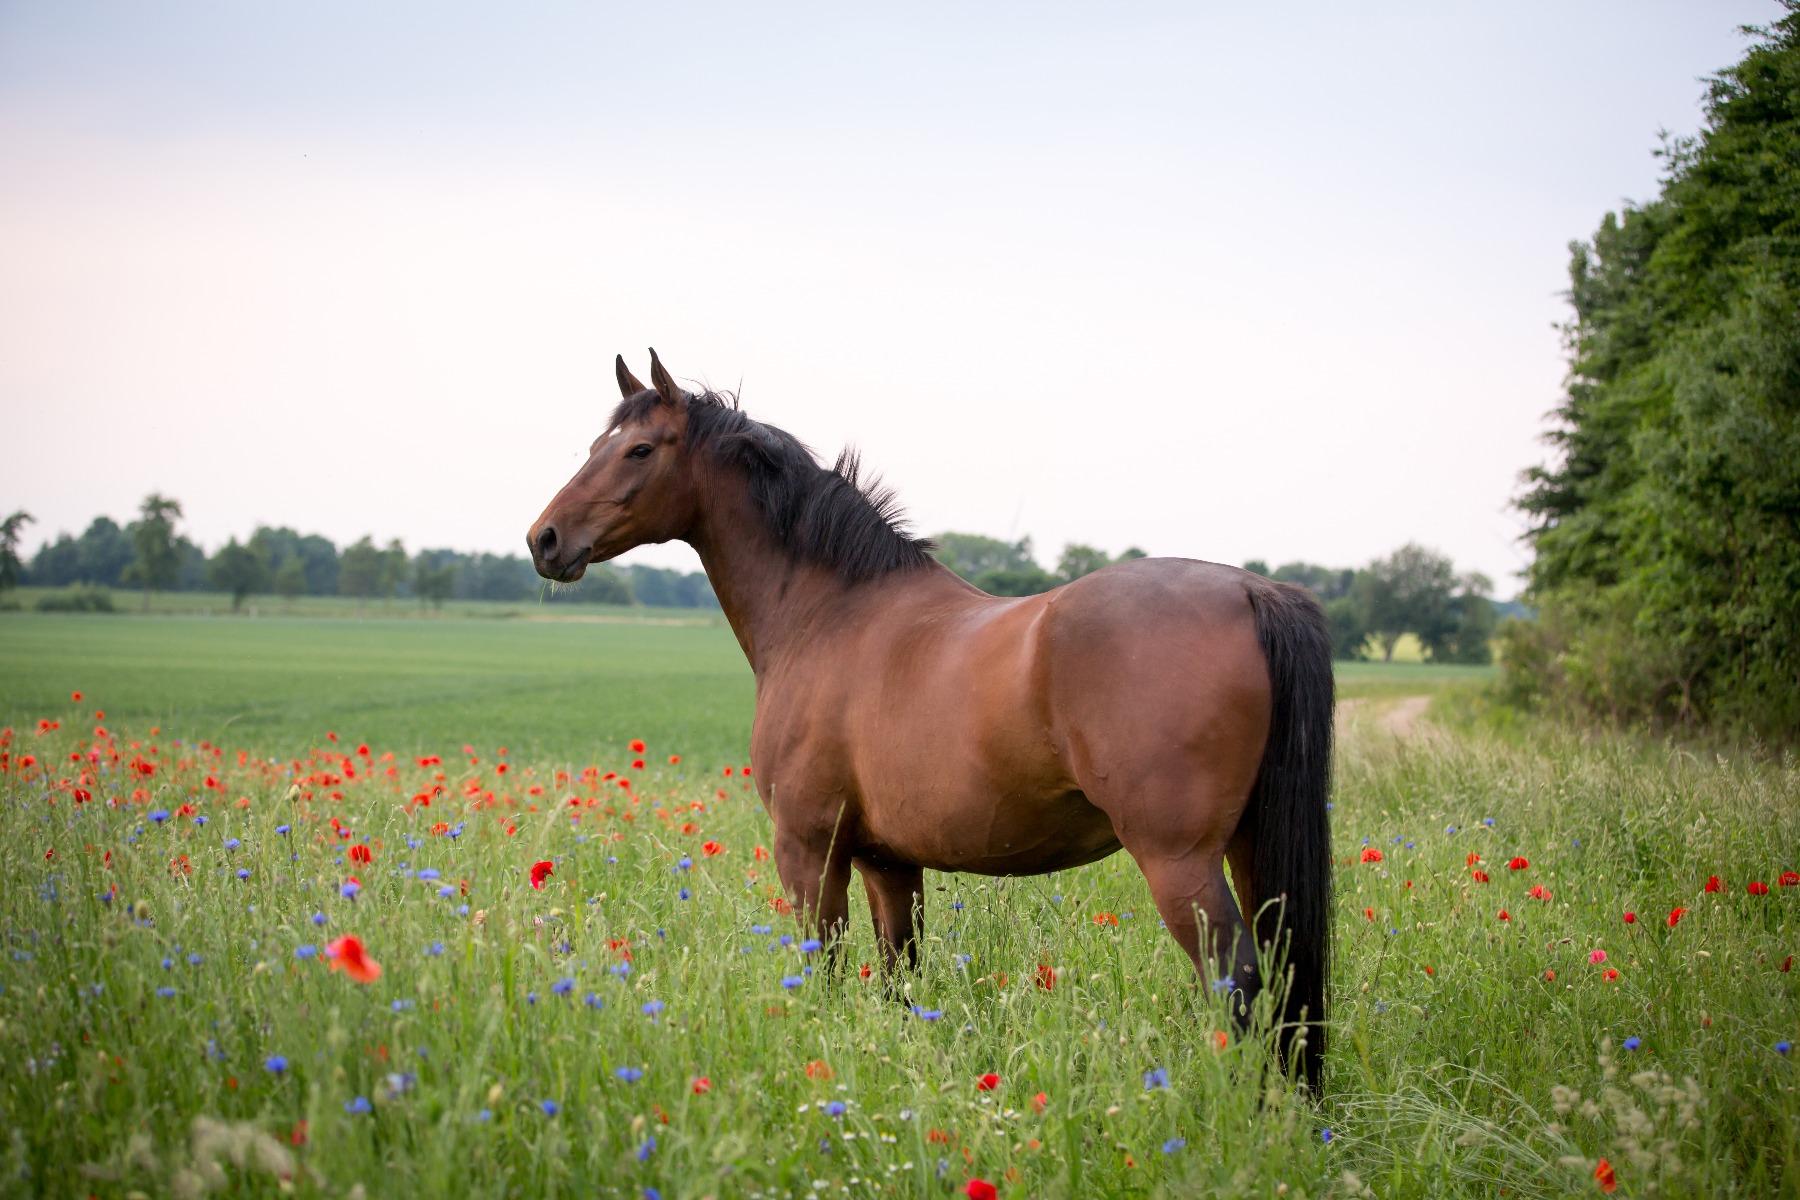 Stübben, Sattel, Sättel, Gläserne Manufaktur, Tasthaare, Pferdesinne, Kempen, Reiter, reiten, Pferd, Pferde, Sinne, Sinnesorgane, Augen,